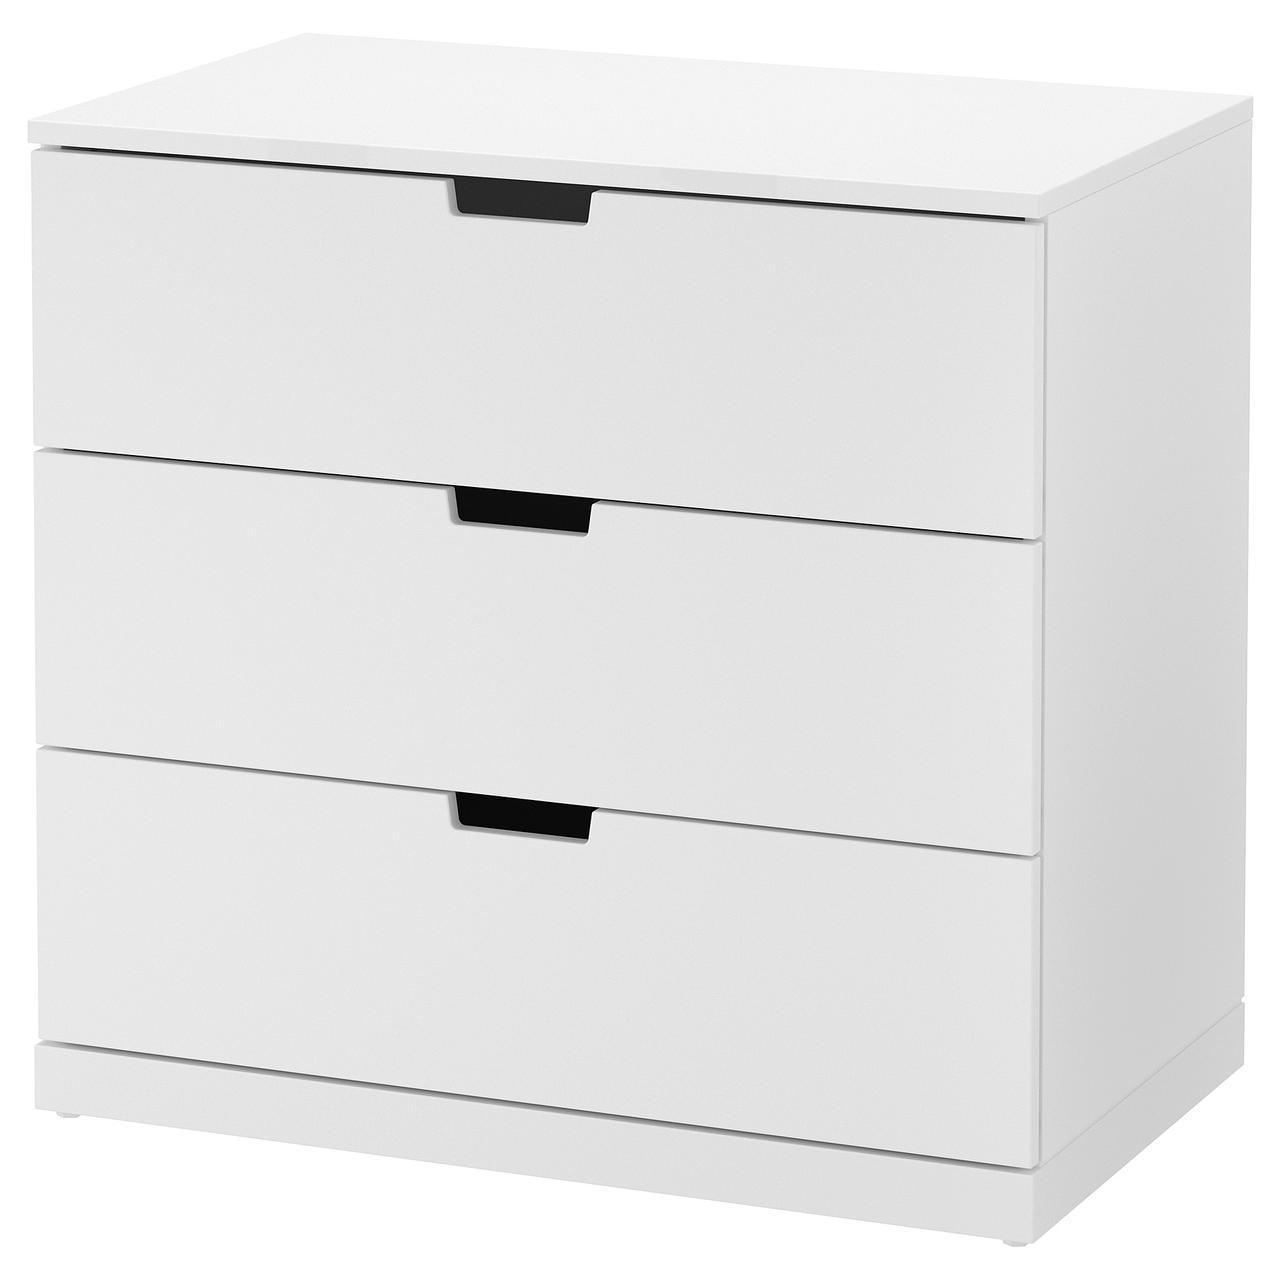 Купить IKEA NORDLI (692.394.95) Комод, 3 ящика, белый